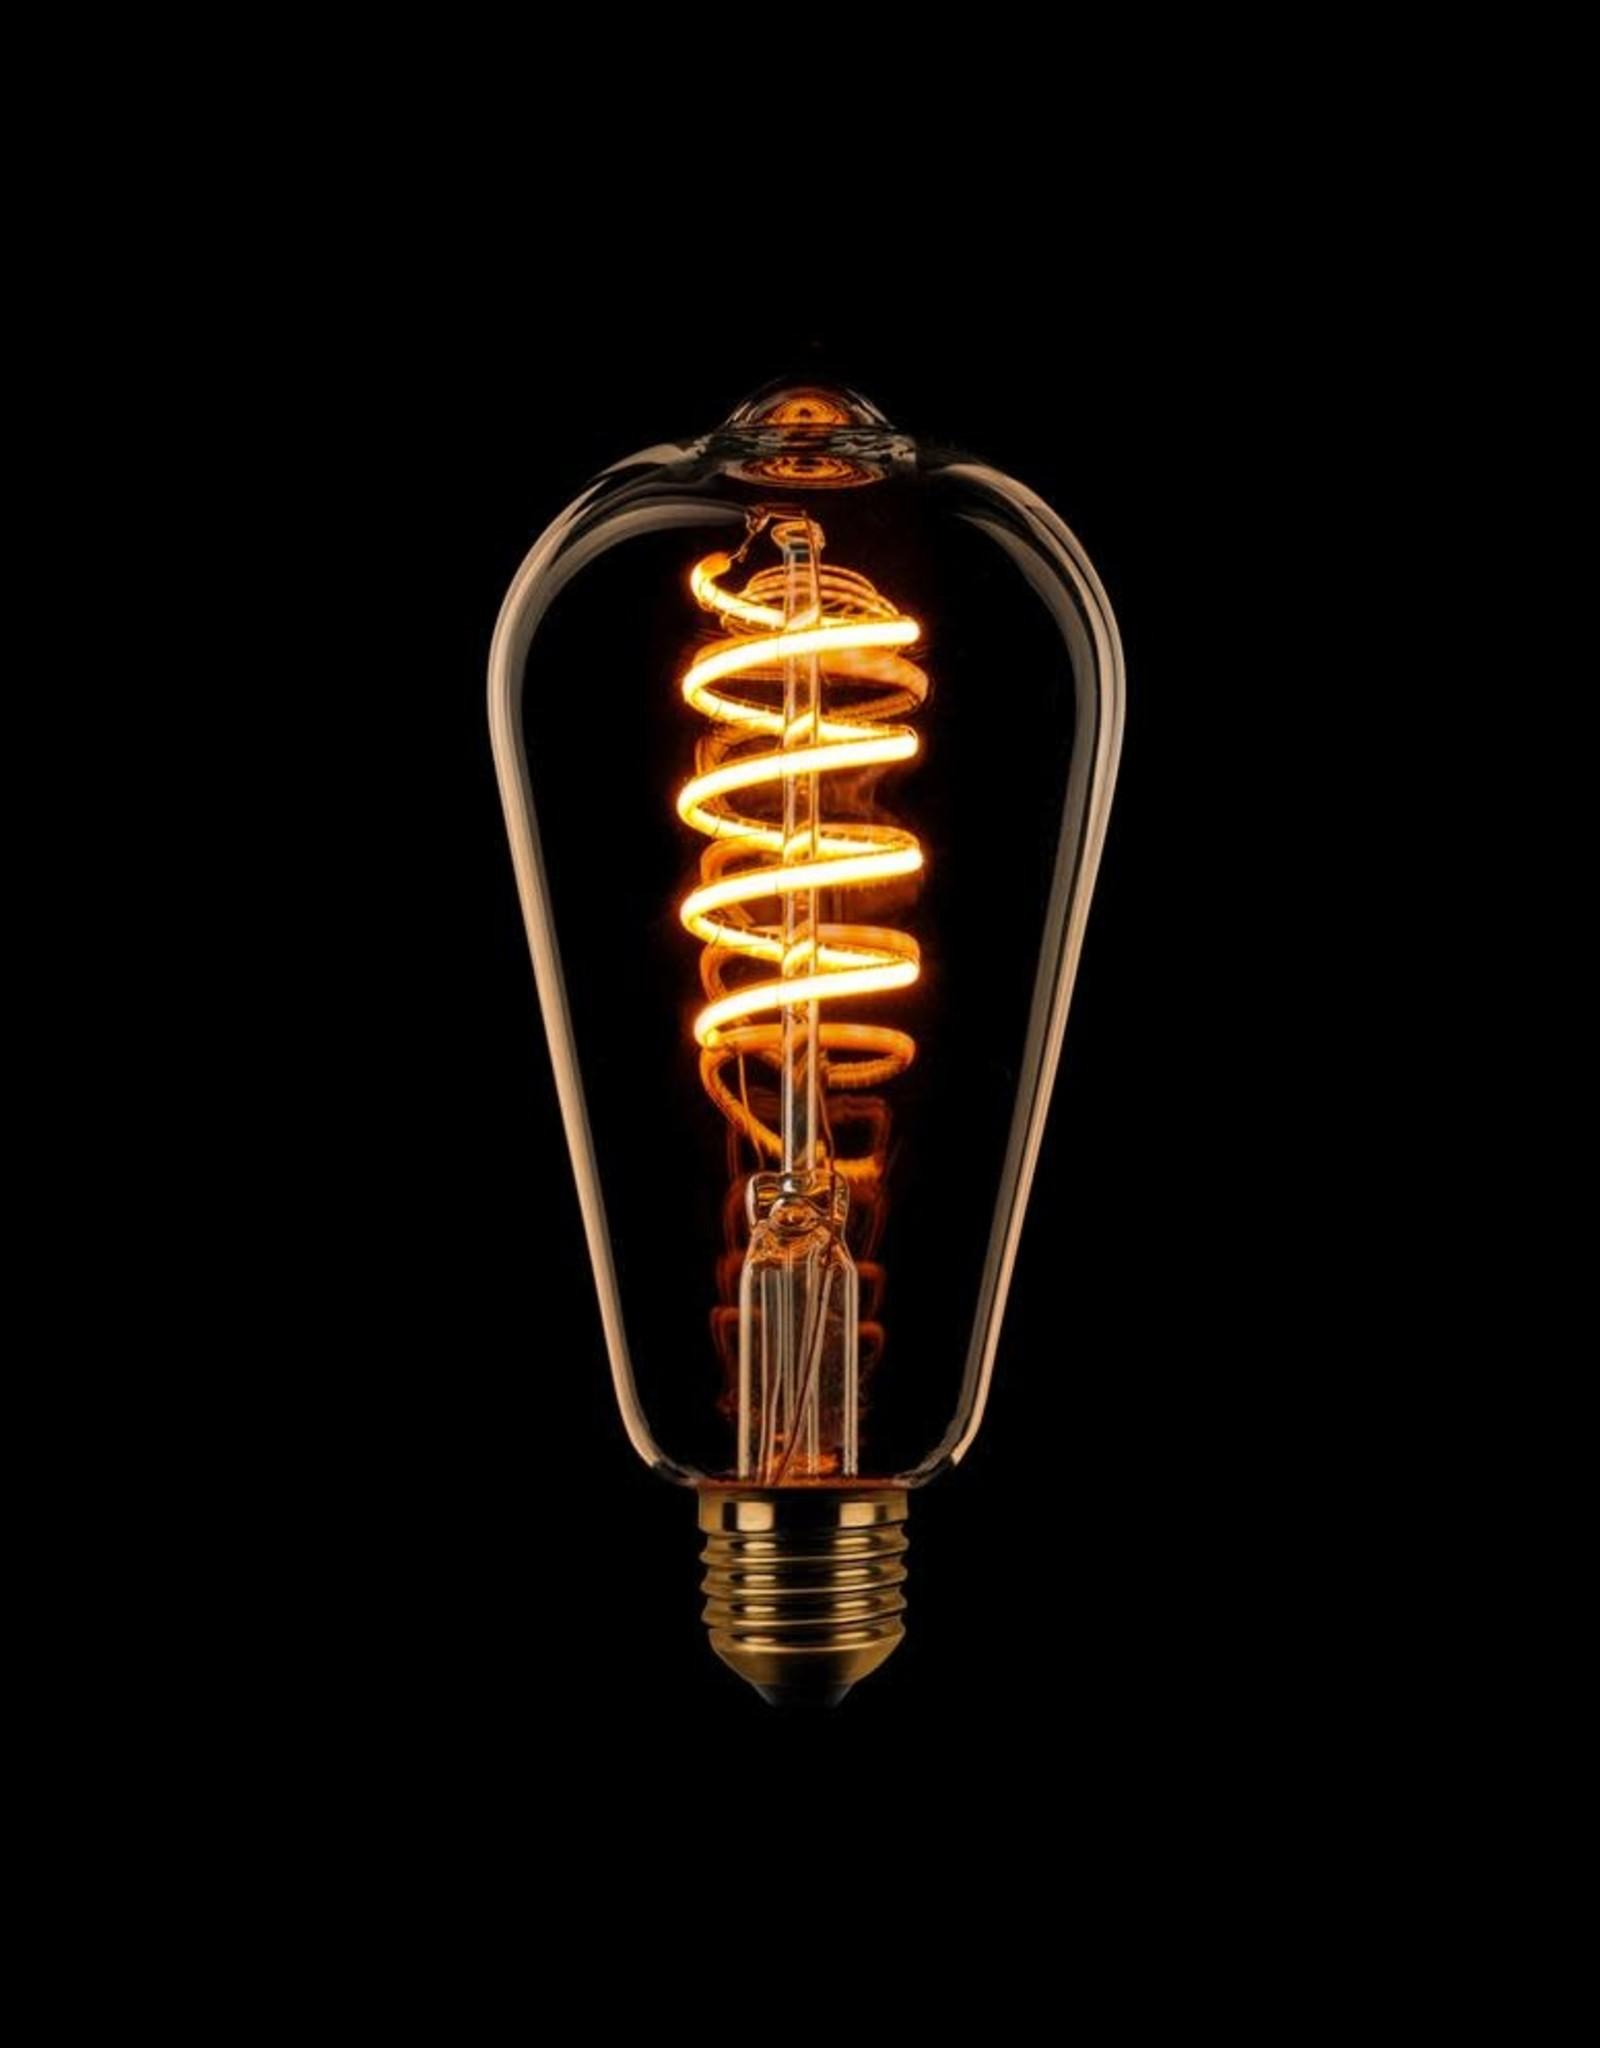 LED Lamp Edison filament spiraal - 3 stappen dimbaar - E27